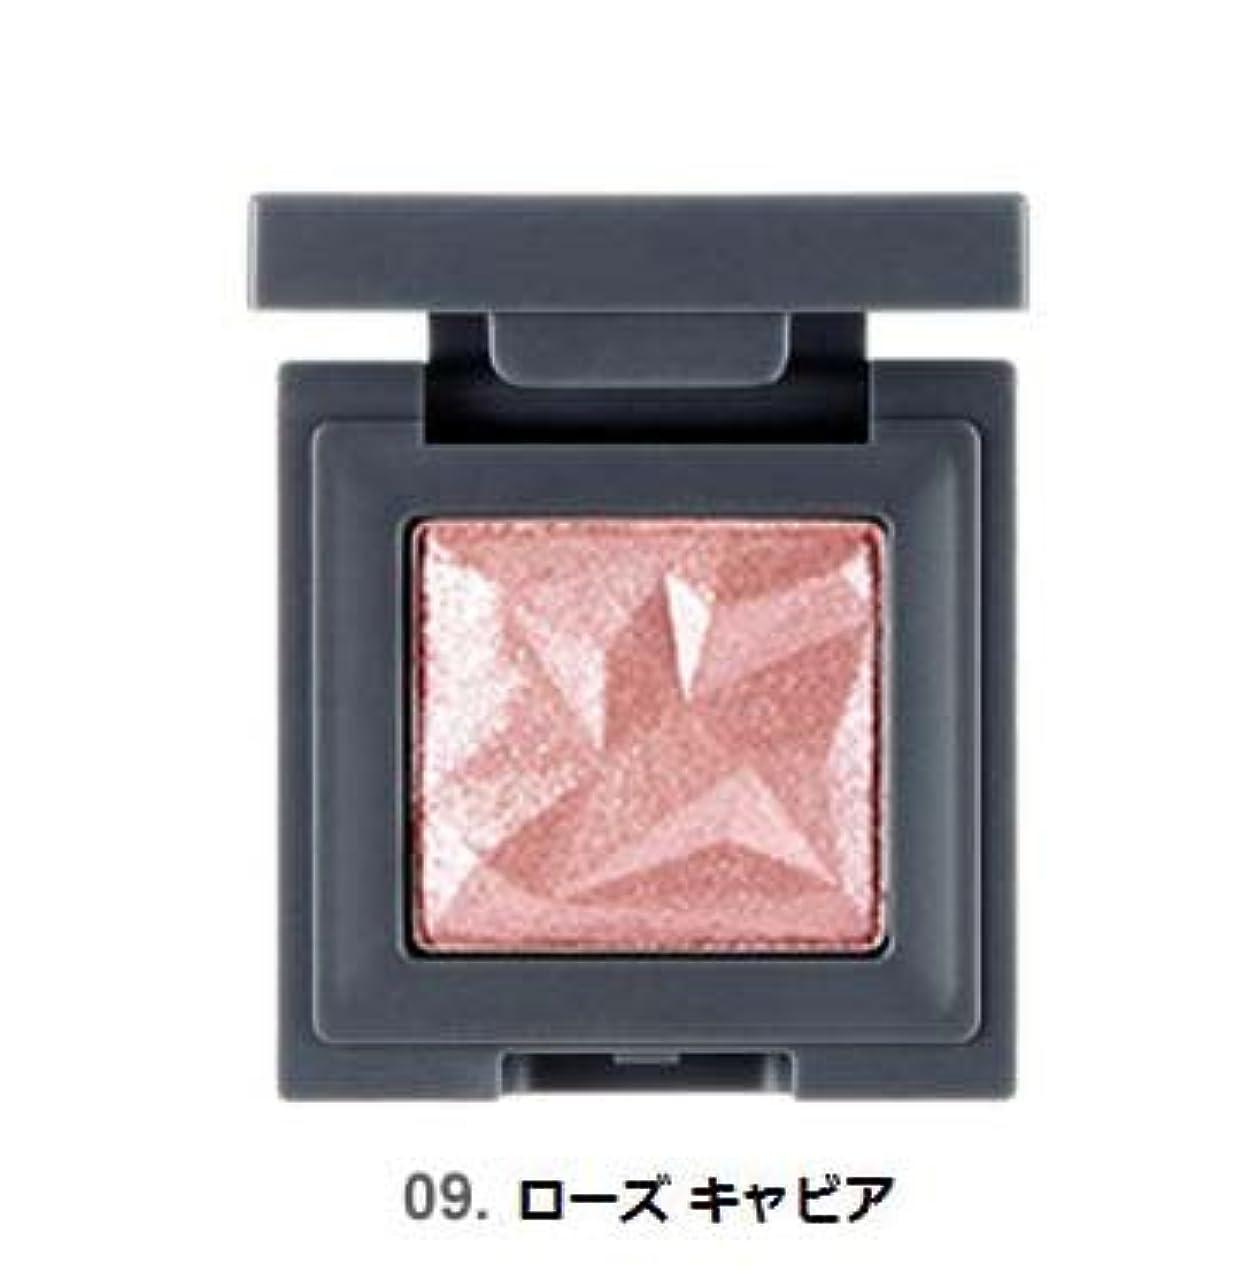 高揚した体操注入[ザ?フェイスショップ] THE FACE SHOP [プリズム キューブ アイシャドウ 12カラー] (Prism Cube Eye Shadow 1.8g - 12 shades) [海外直送品] (09. ローズ...